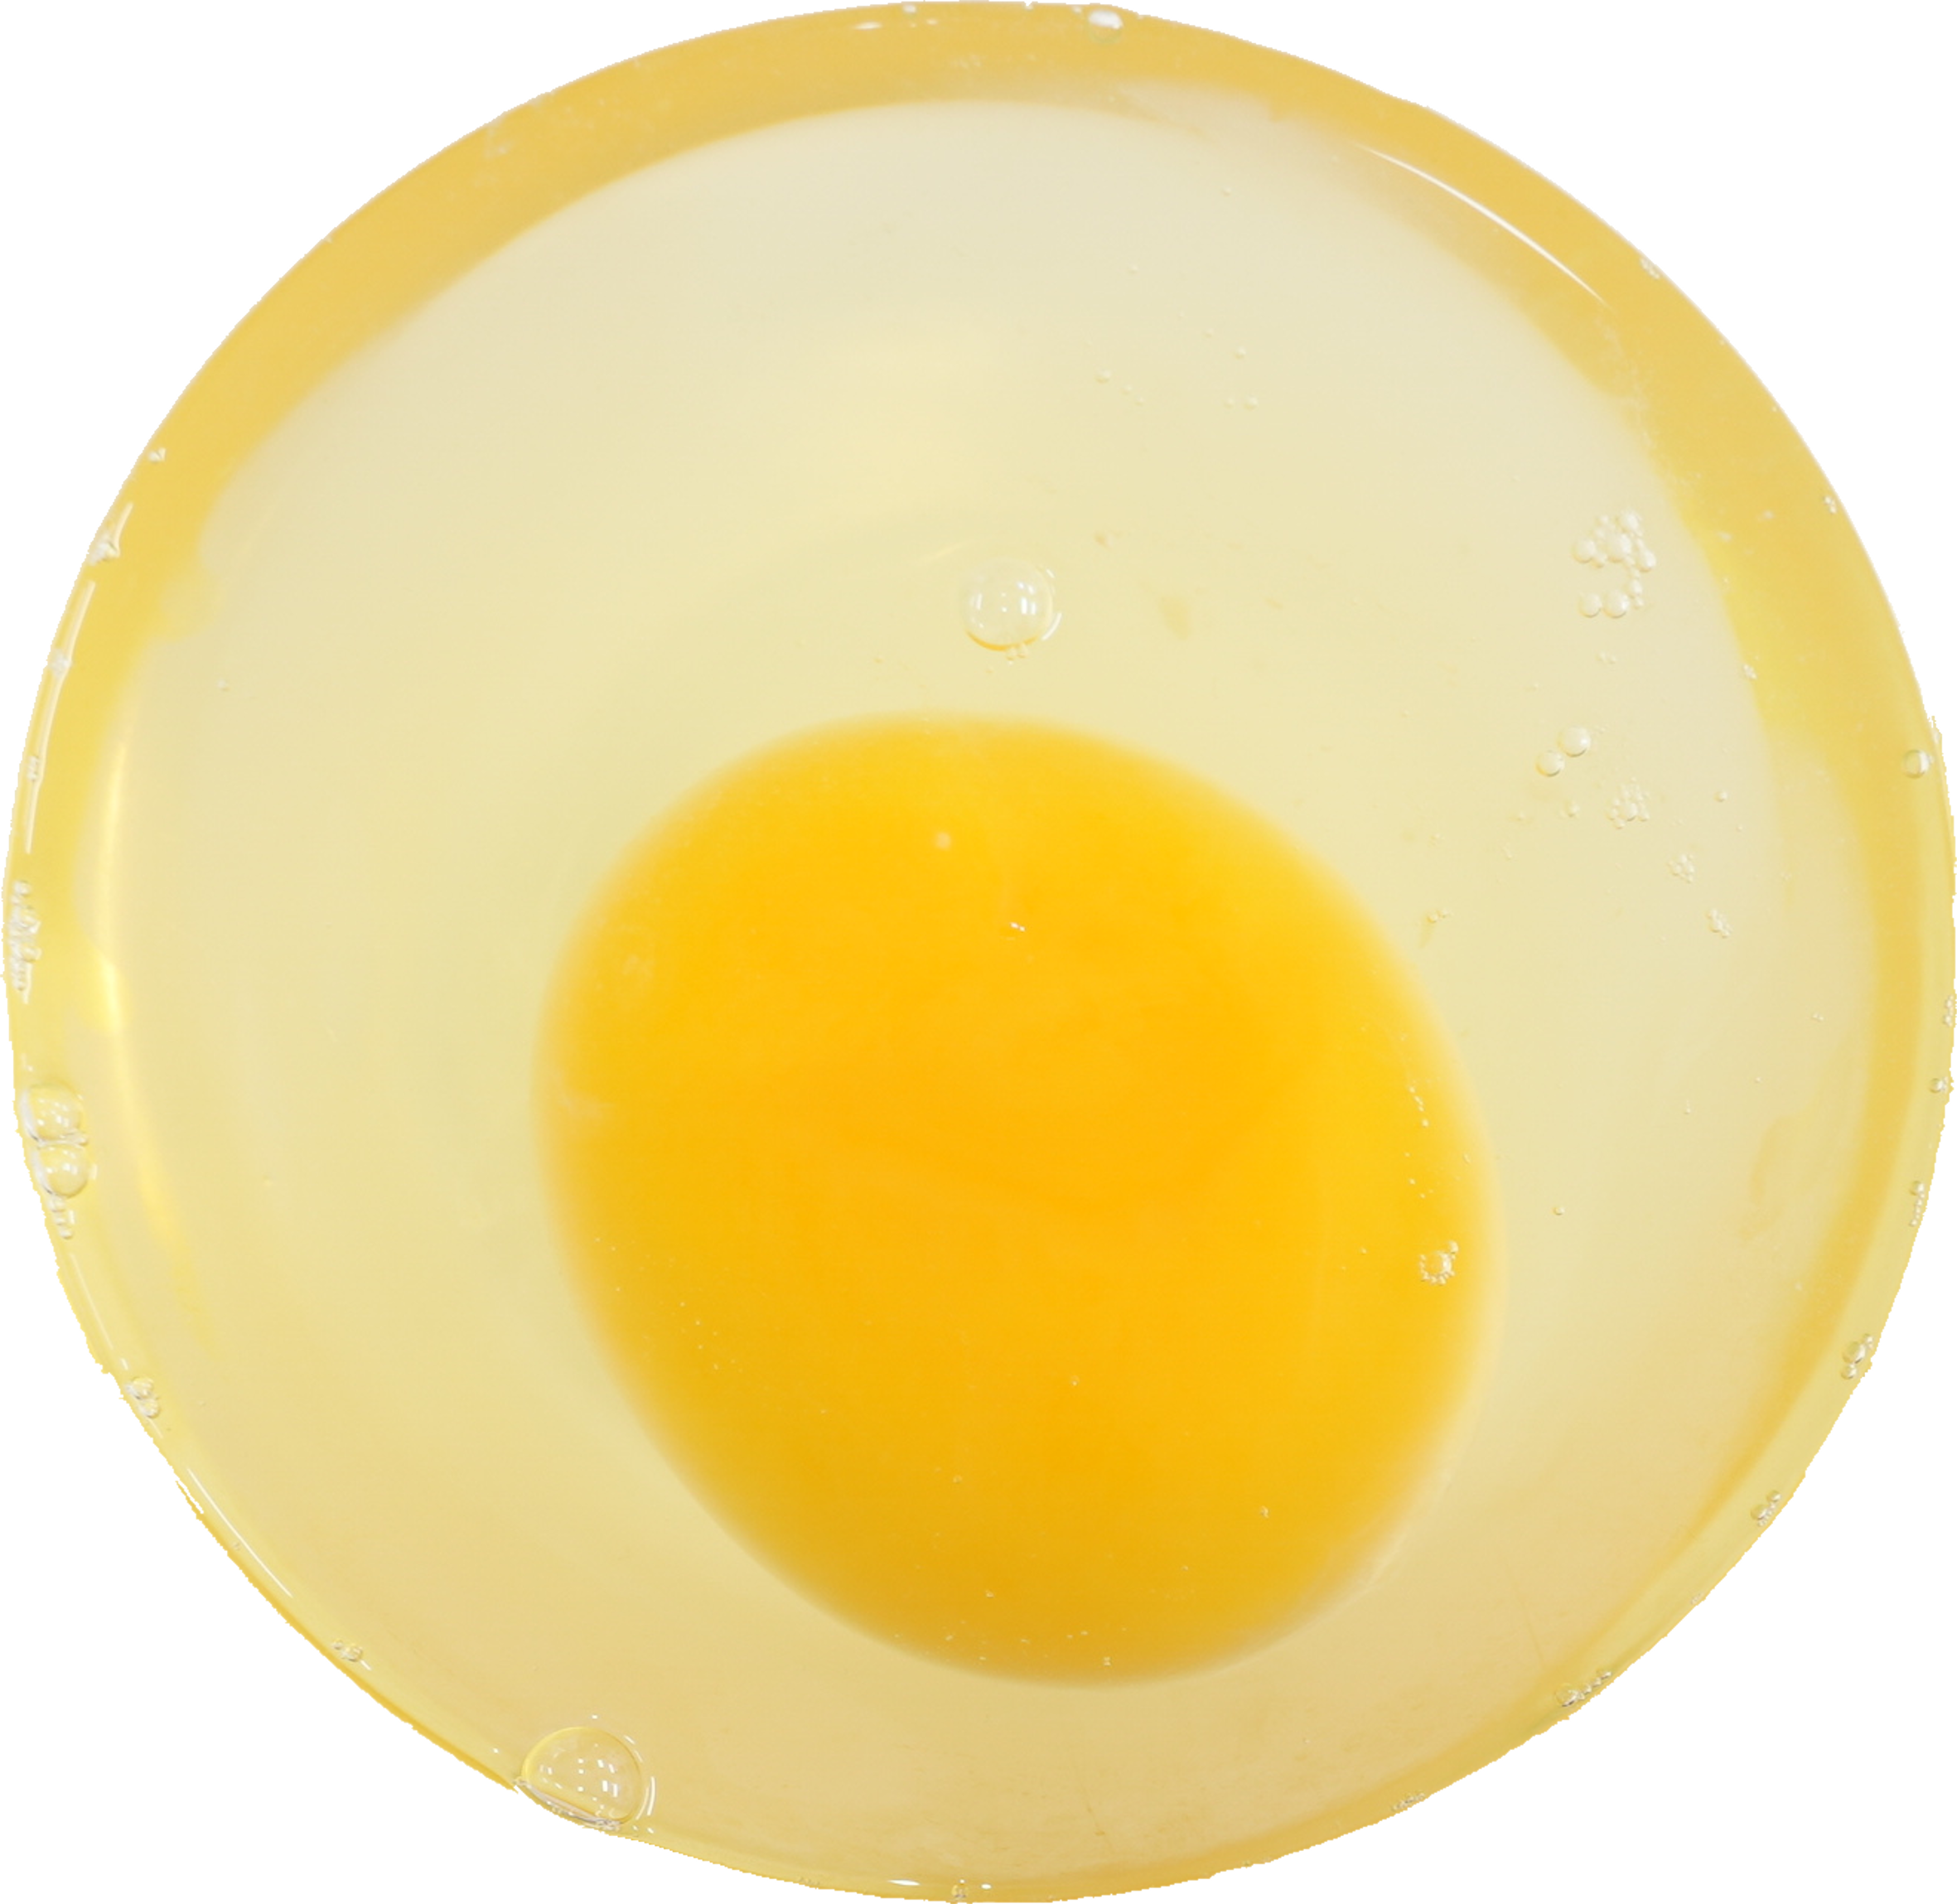 ダチョウ卵|商用可フリー画像・背景透過